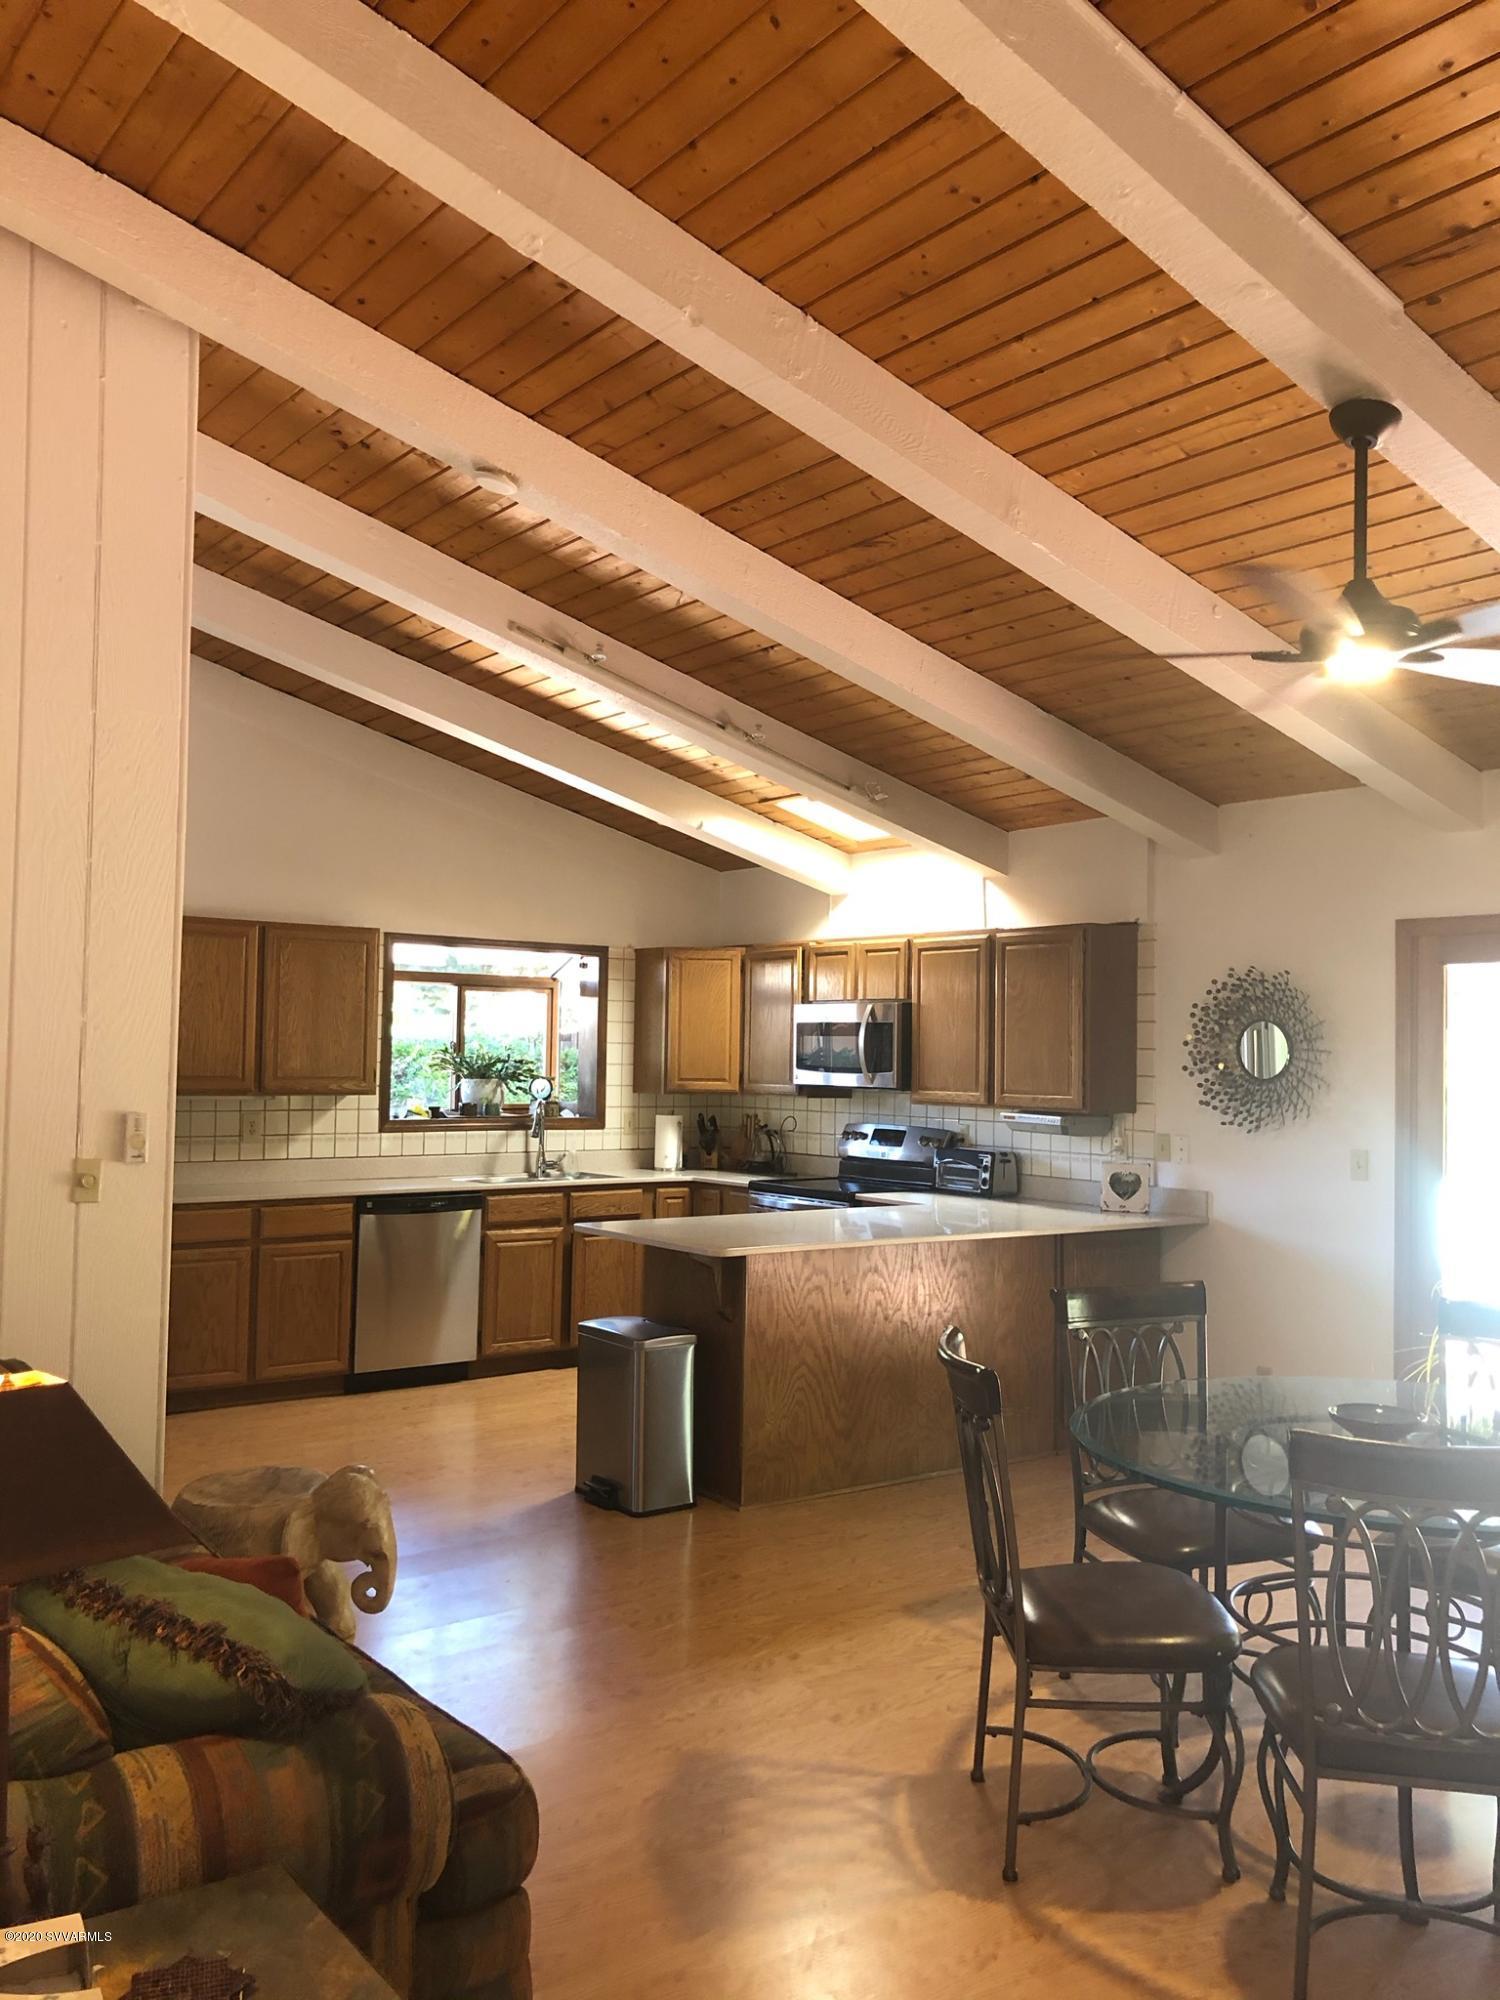 160 Sierra Rd Sedona, AZ 86336